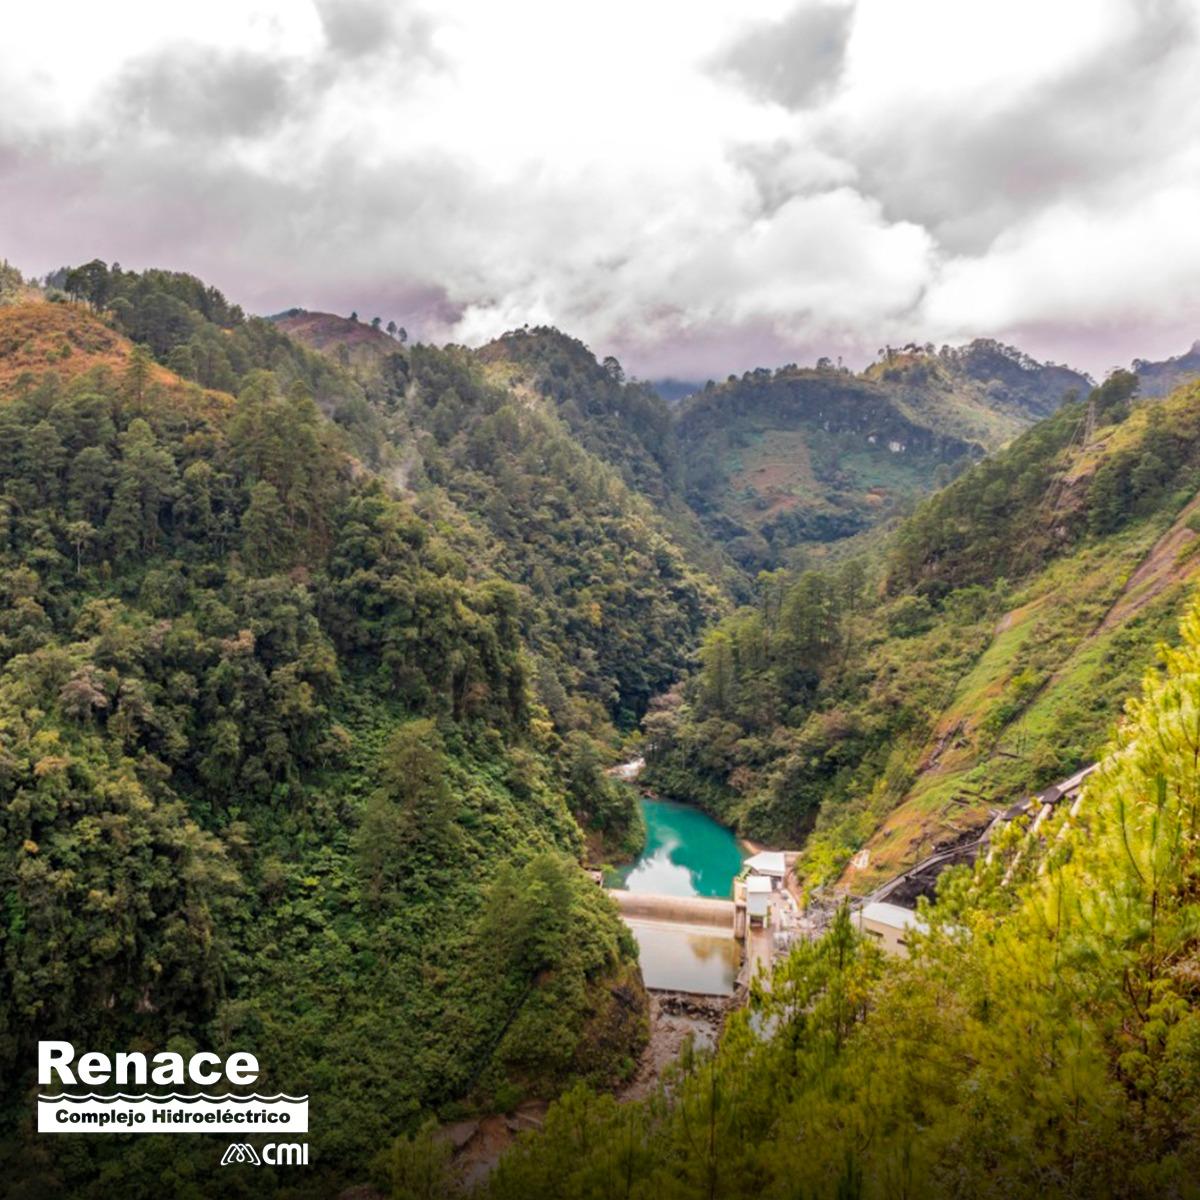 Los ecosistemas del #RíoCahabón son clave para la conservación de la biodiversidad. Por eso, Renace adopta 550 compromisos ambientales que garantizan la protección medioambiental. #CompromisoAmbiental https://t.co/ivf95WNAnq